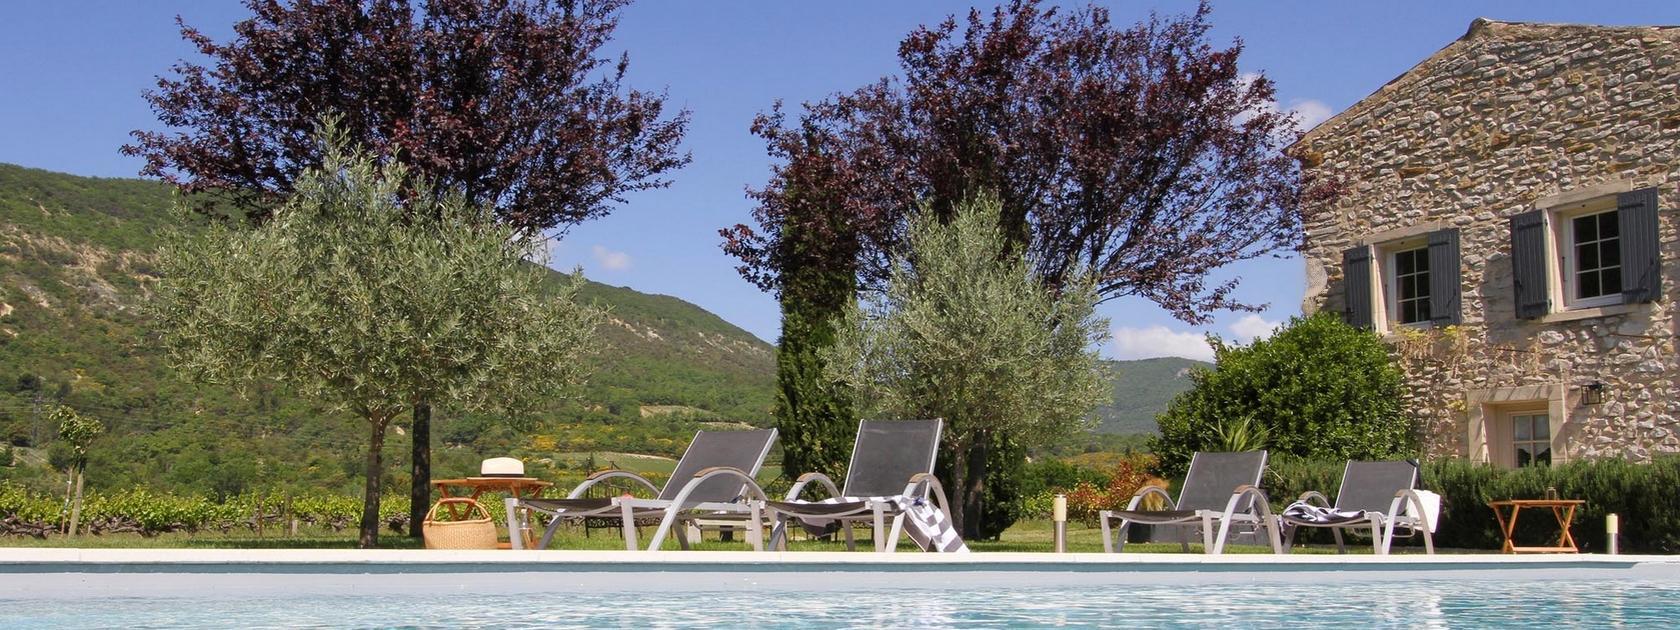 Location De Vacances à Romans Sur Isère